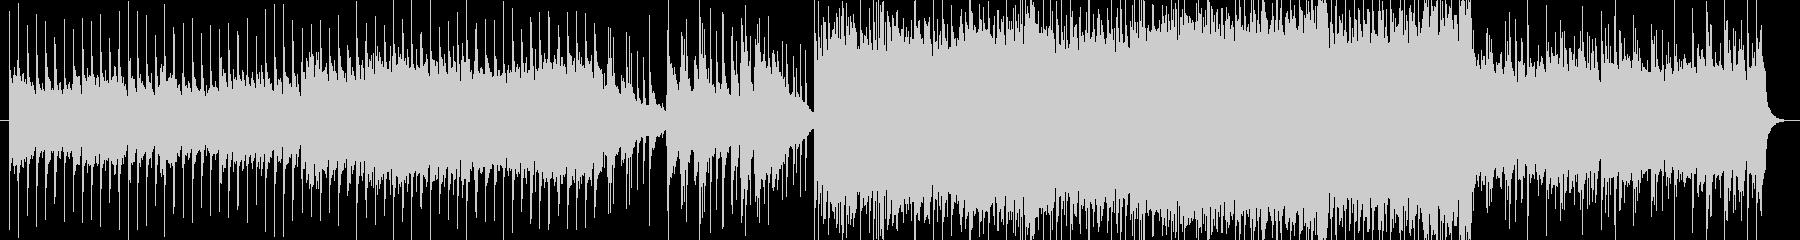 アルペジオとオクターブ奏法のギターロックの未再生の波形